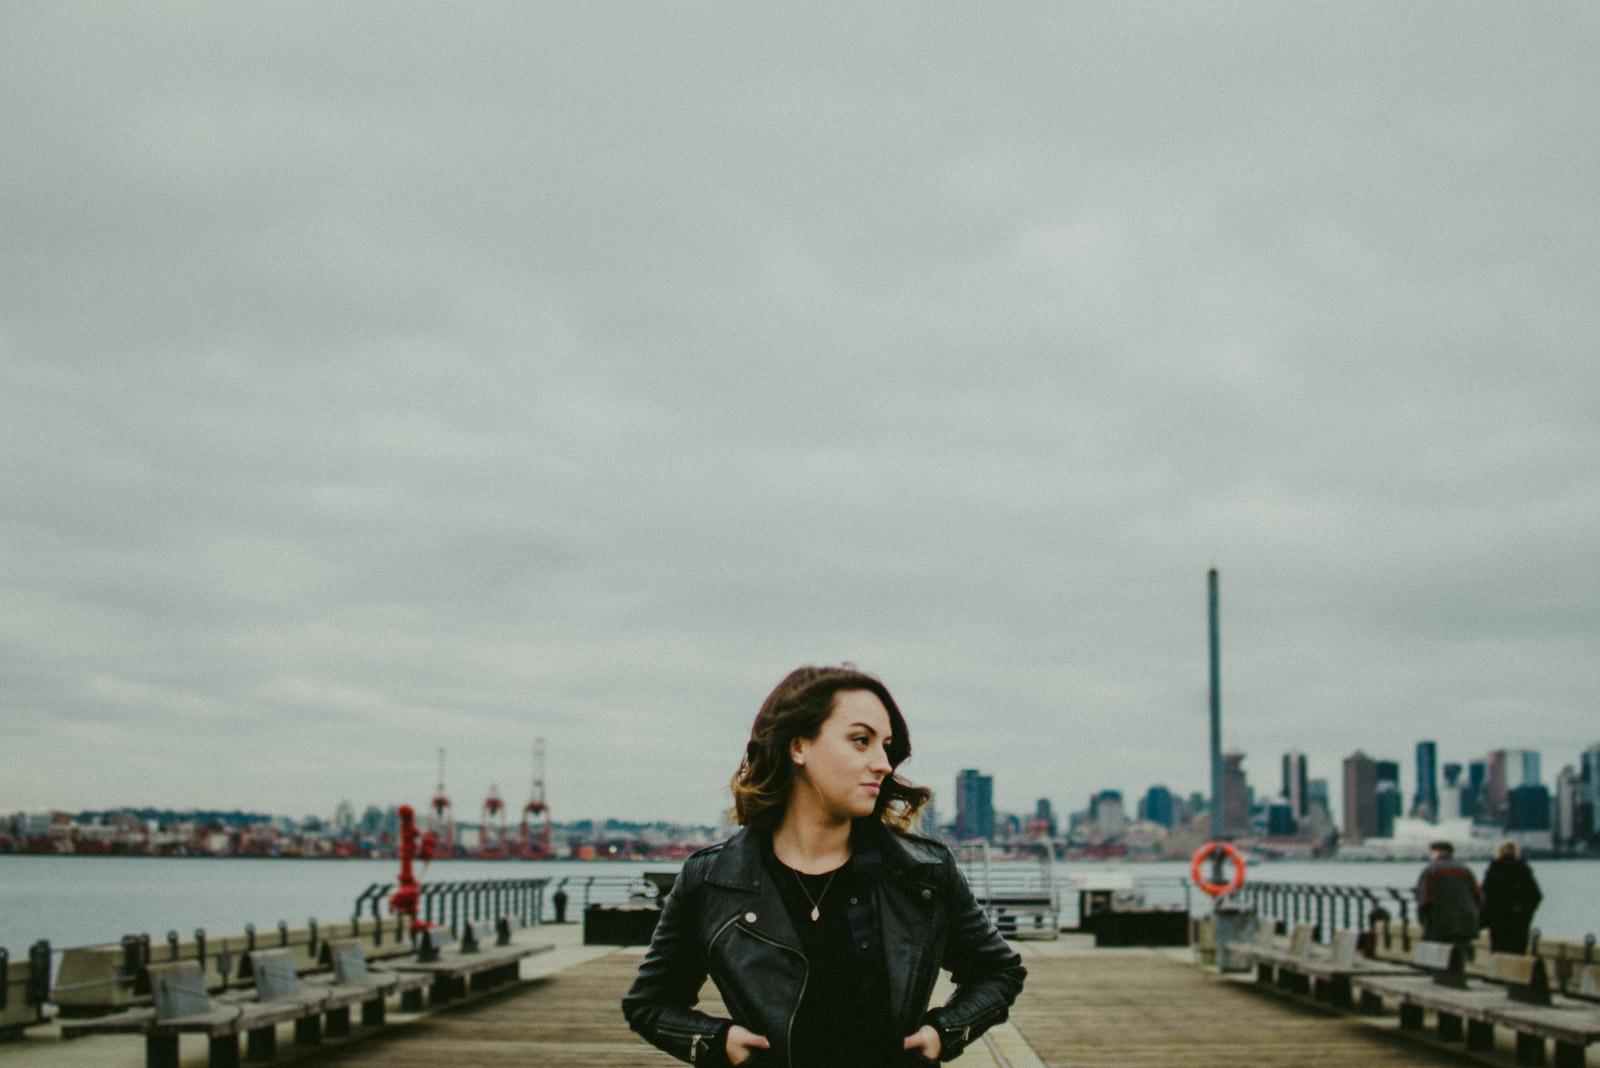 Jasmine_Price_Portraits (14 of 26).JPG